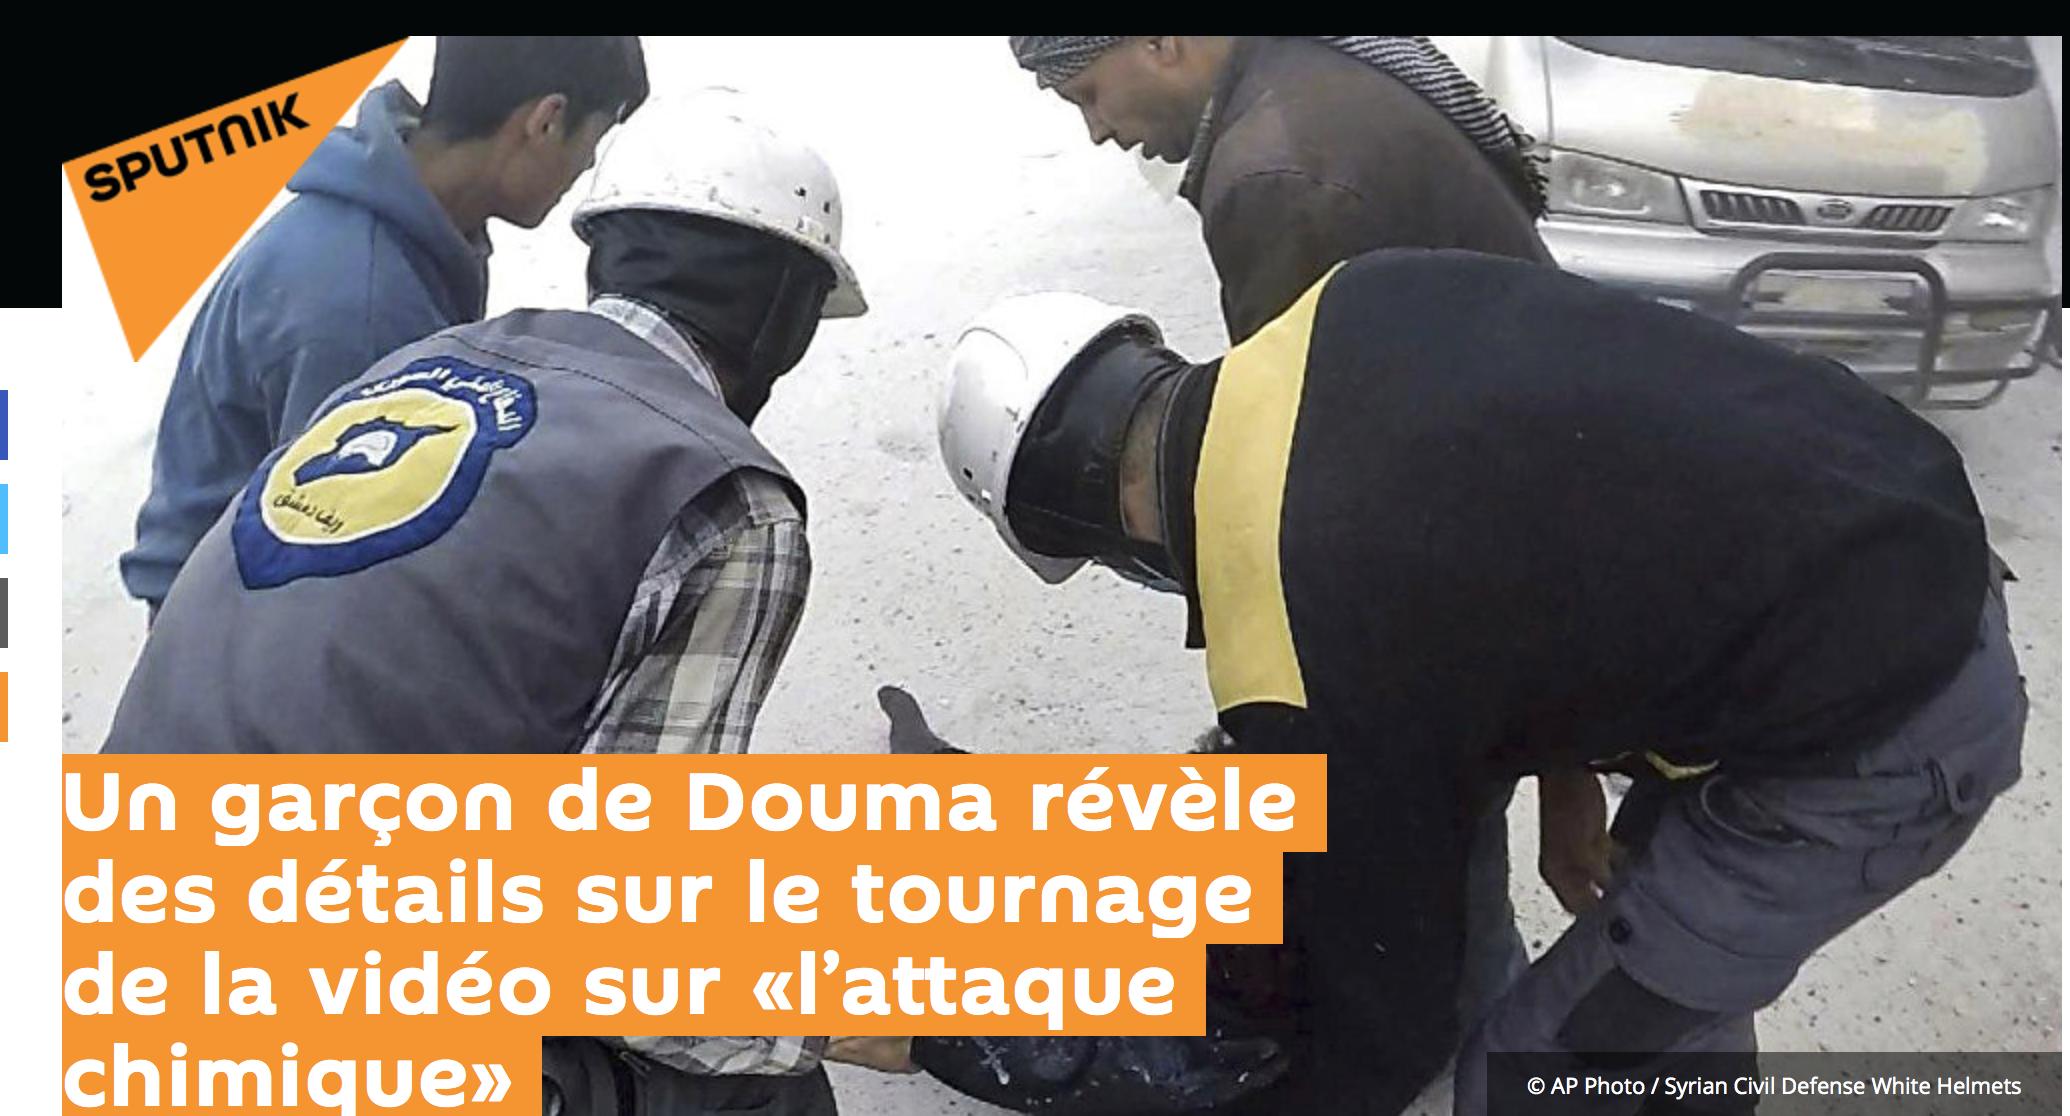 Attaques chimiques à Douma : une énorme manipulation ? Un jeune Syrien témoigne